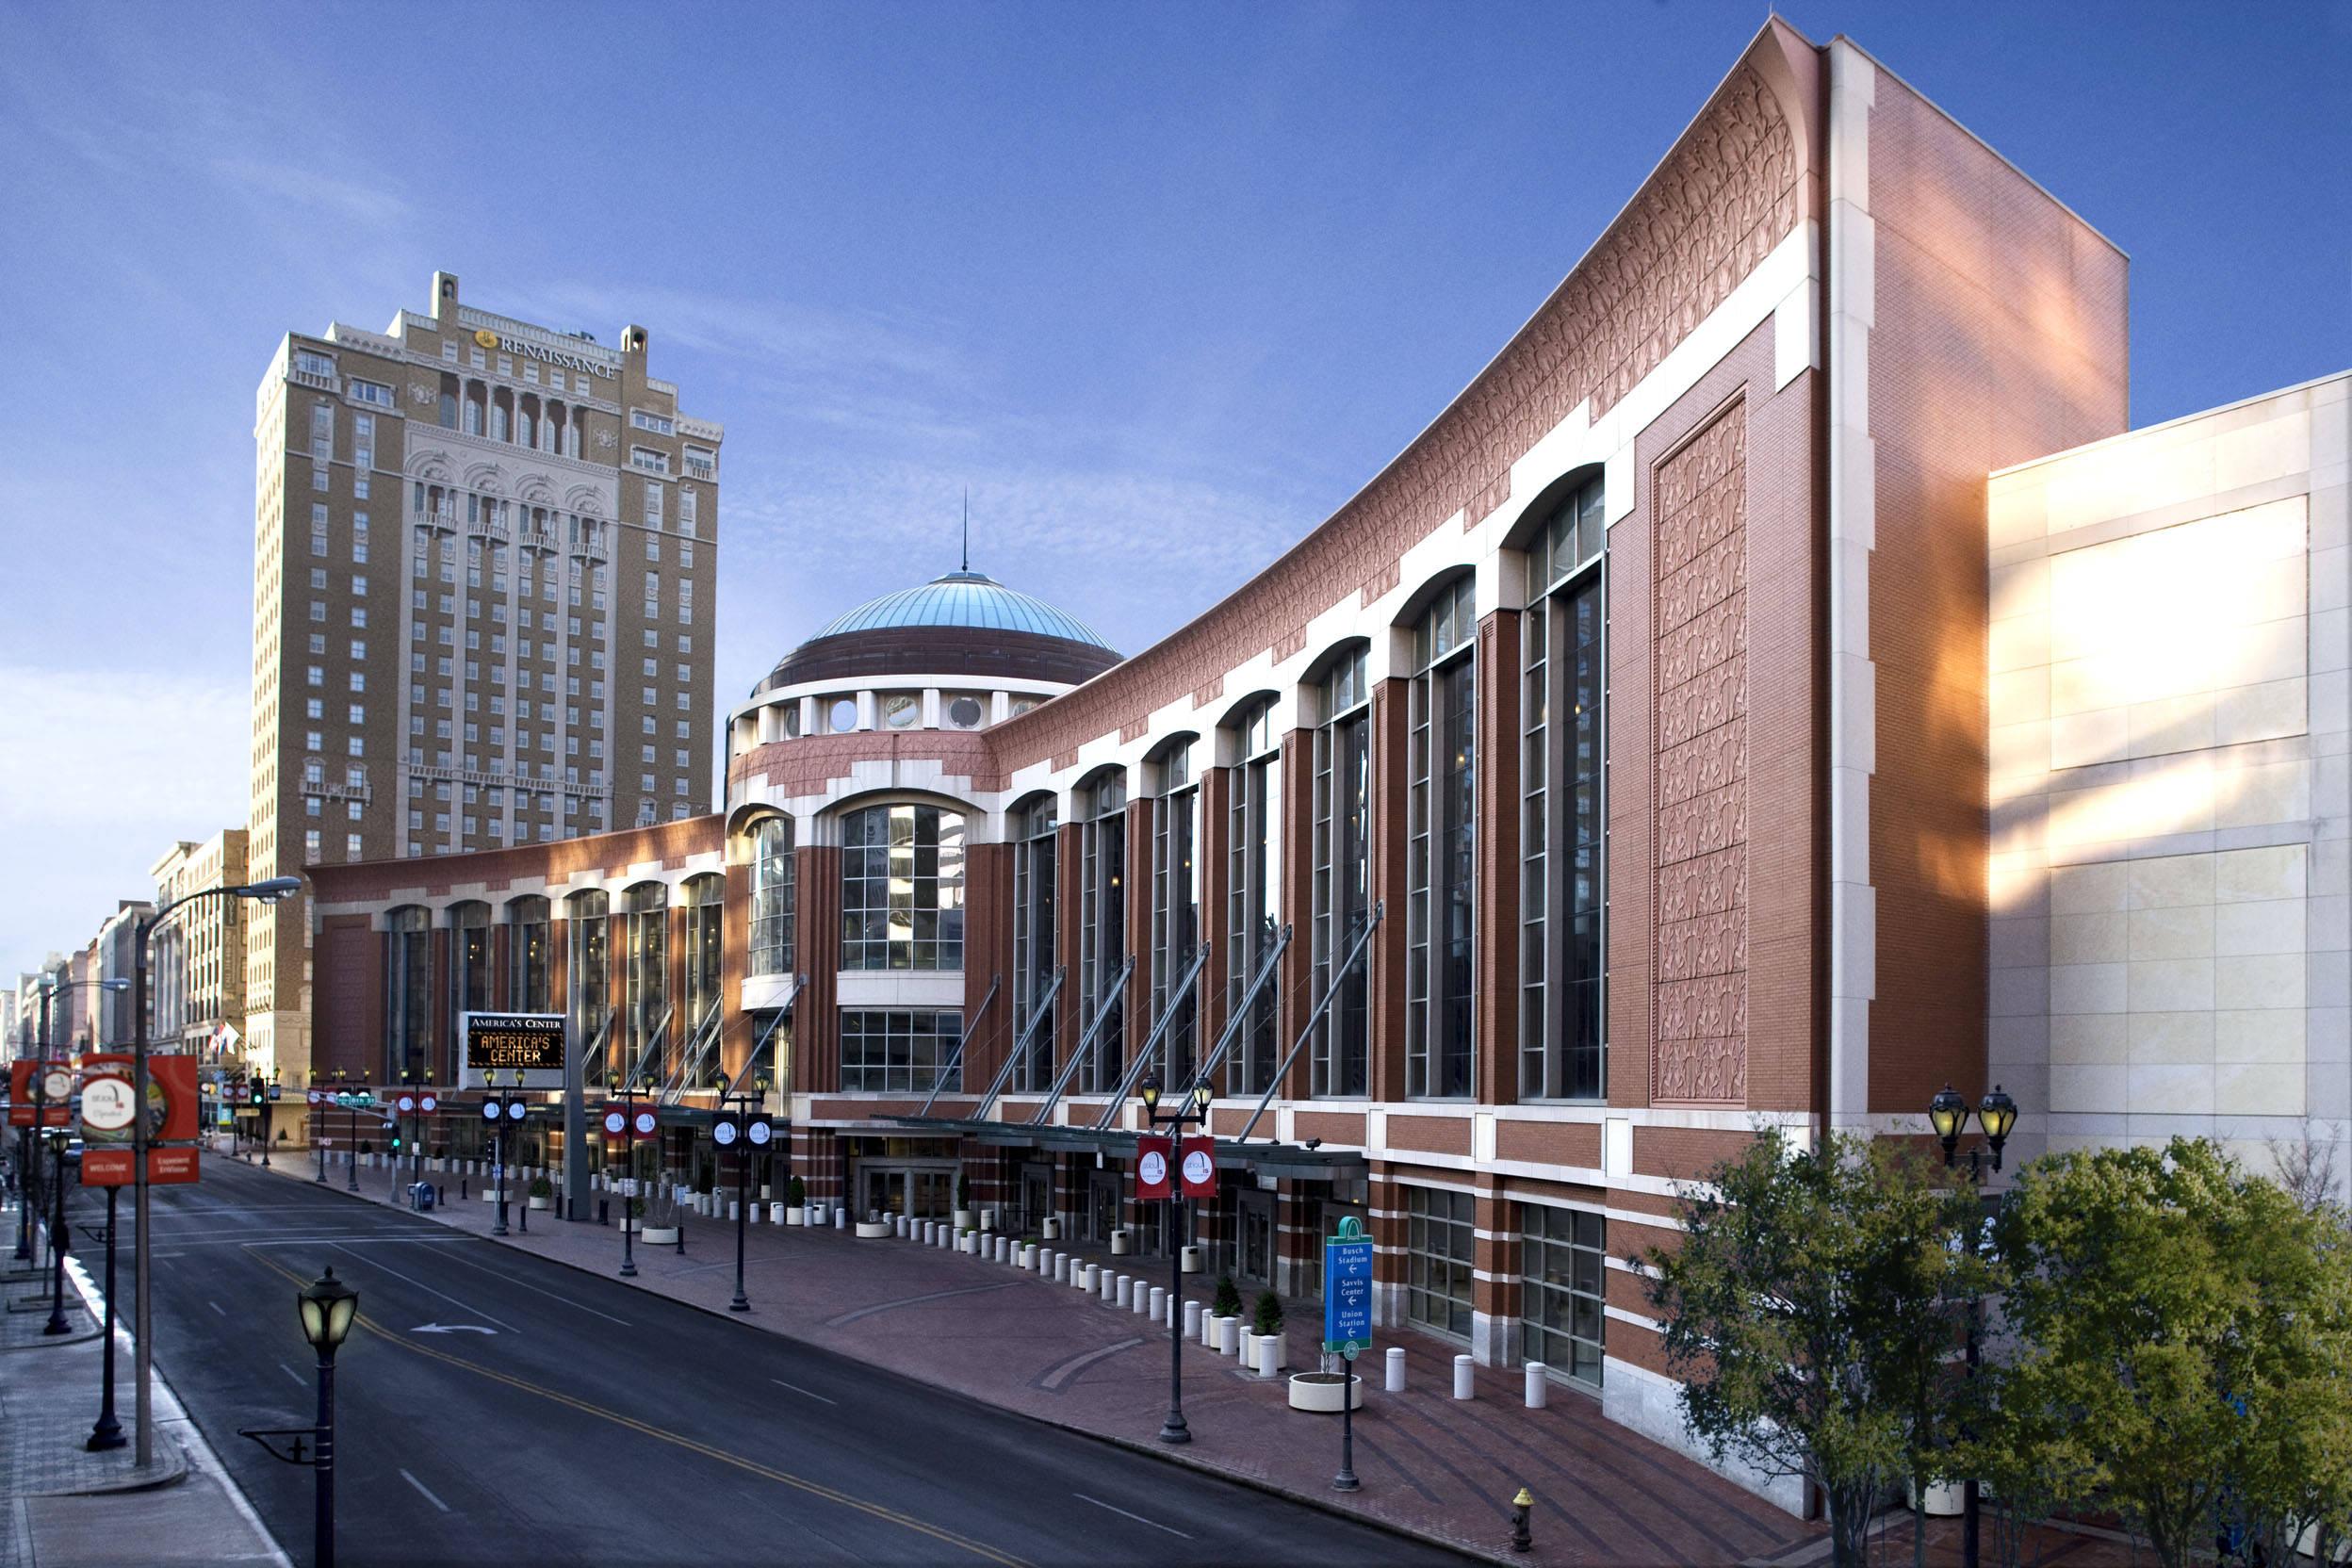 St Louis Convention Center